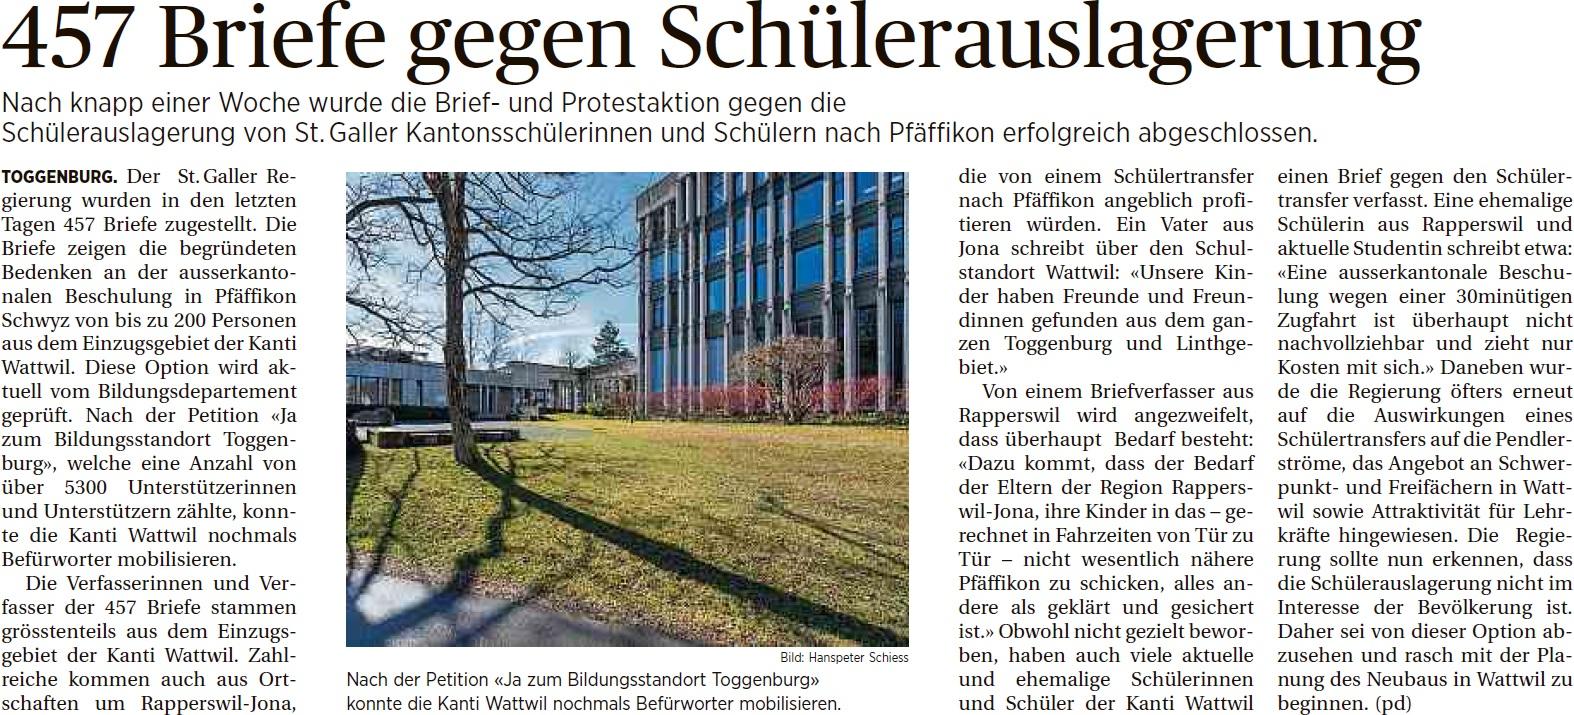 457 Briefe gegen Schülerauslagerung (Dienstag, 14.10.2014)